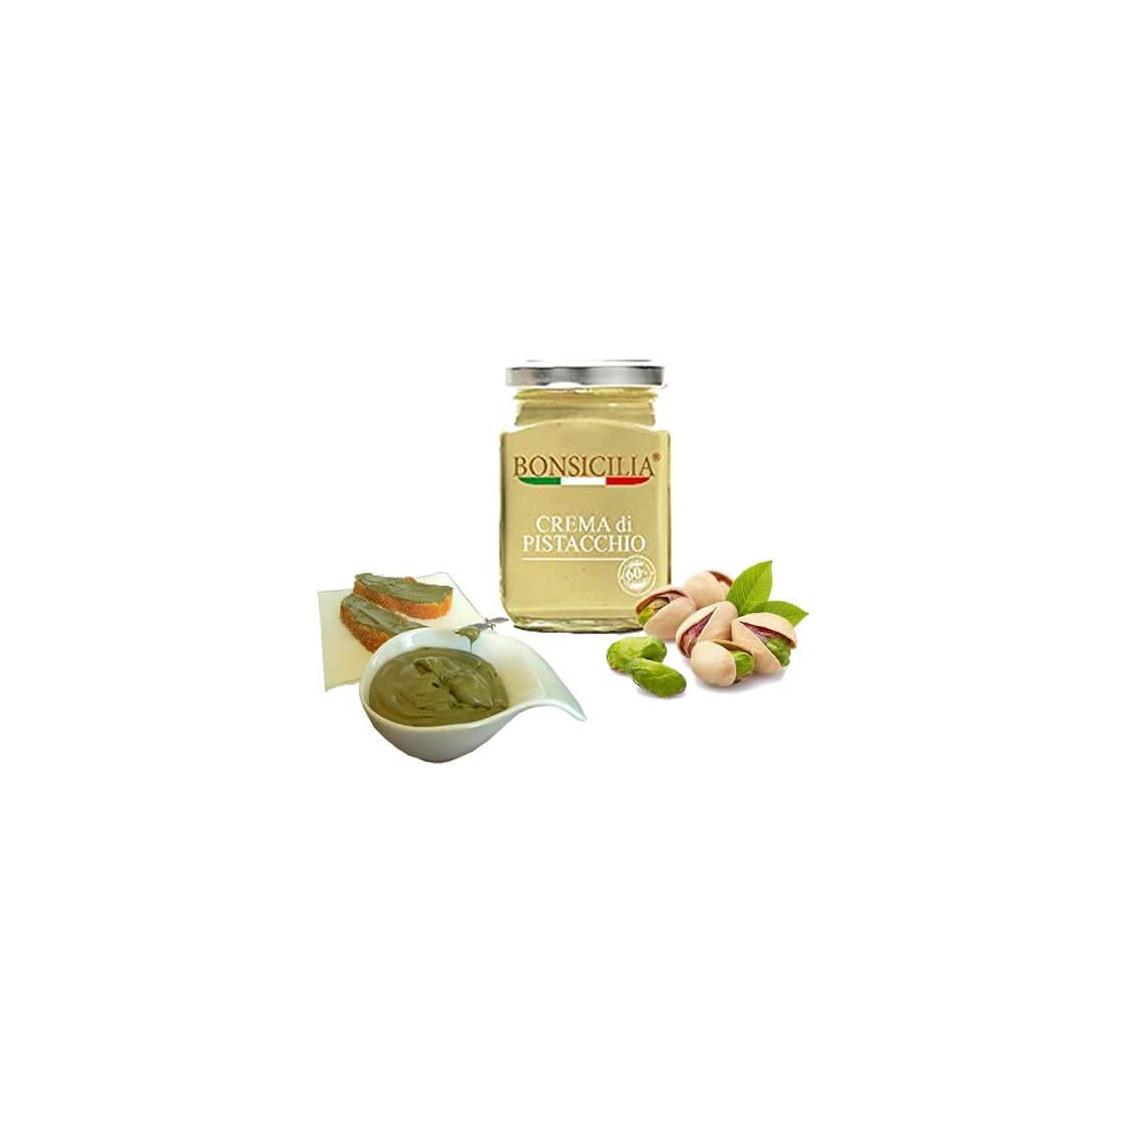 BONSICILIA Crema di Pistacchio - 190 gr